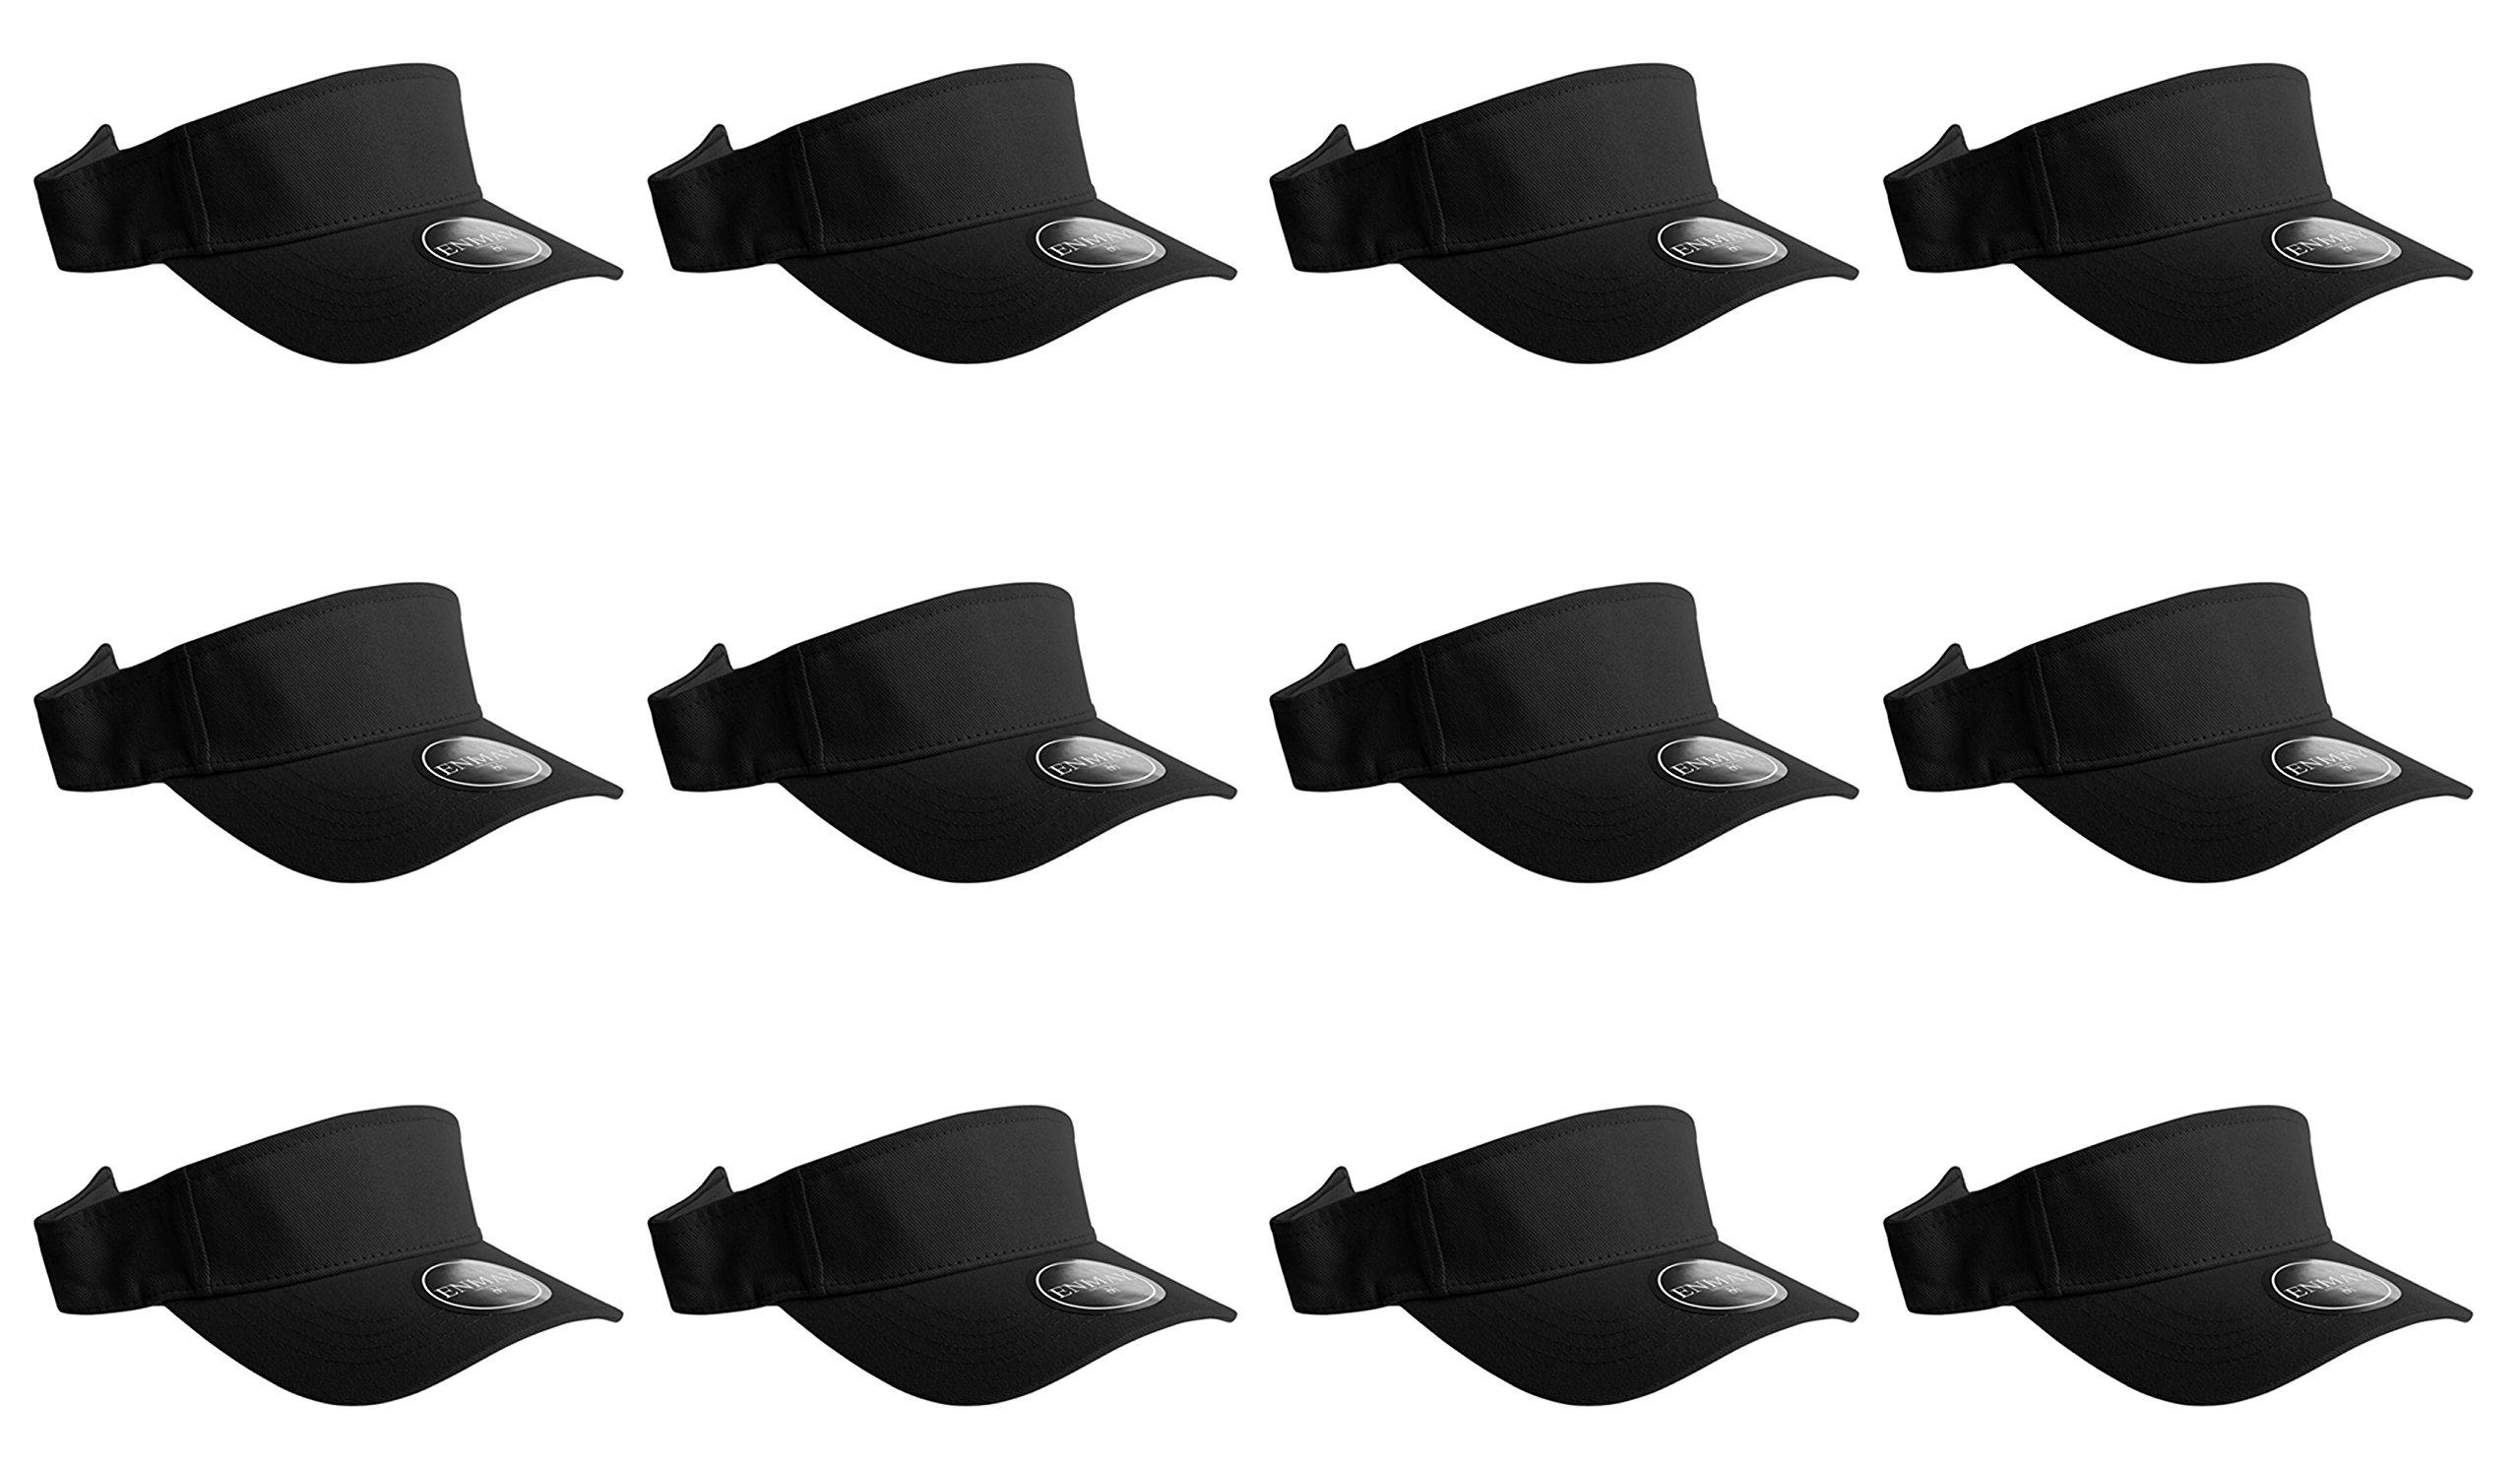 Enimay 12 Pack Plain Visor Hats Adjustable Back Strap Tennis Golf Sun Hat Black One Size